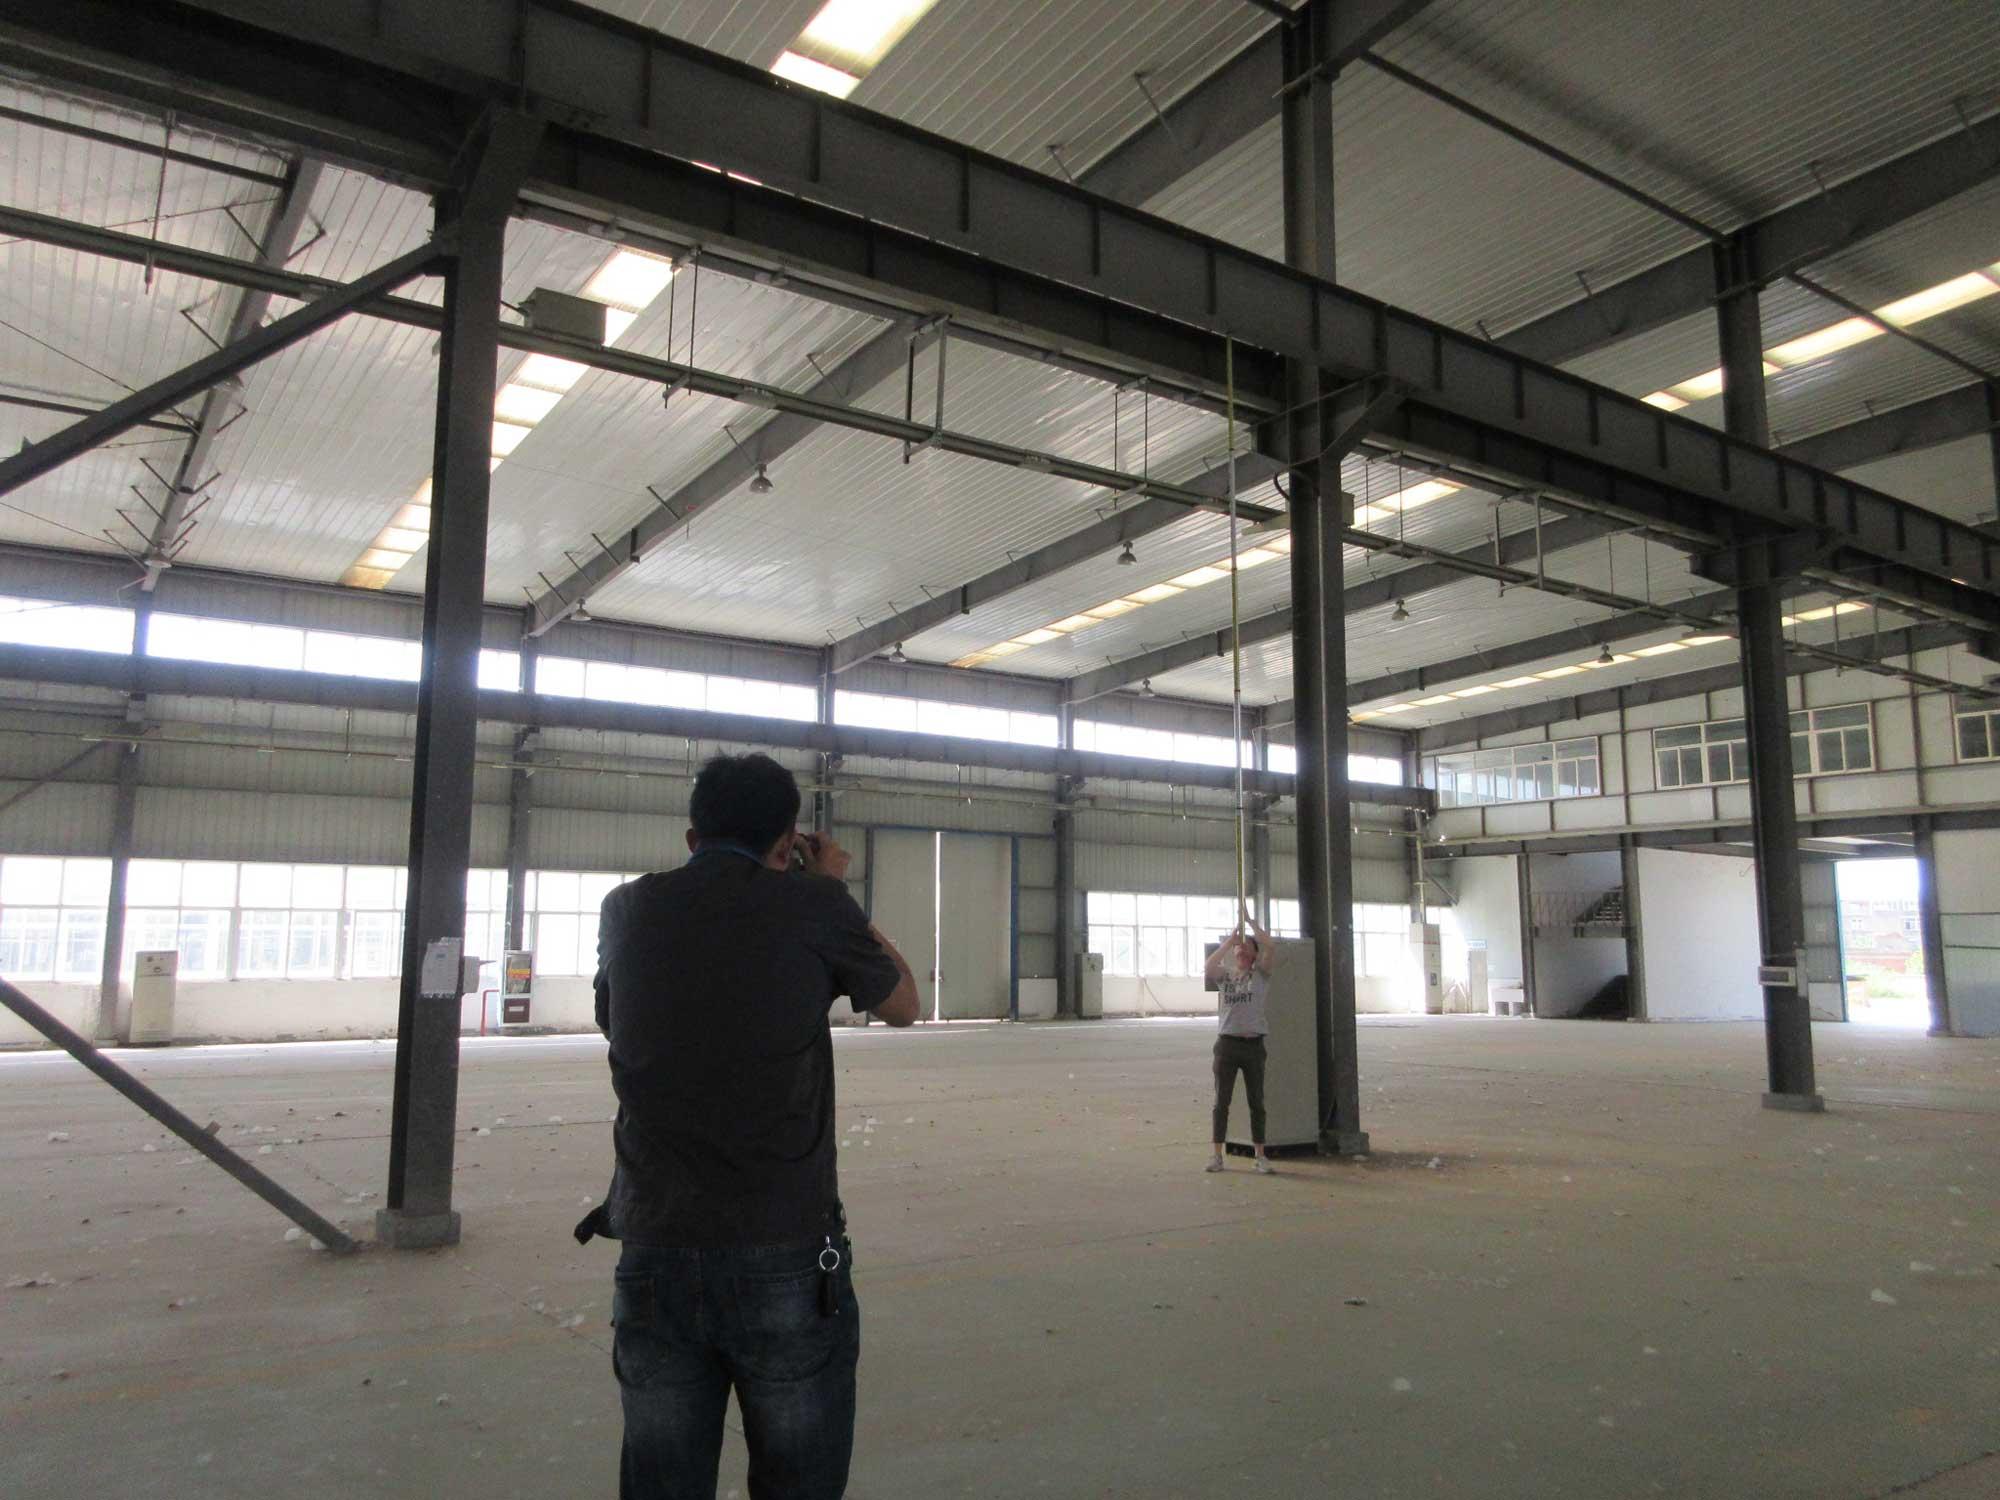 可信赖的厂房鉴定安徽京翼建筑工程检测提供-亳州幼儿园房屋安全鉴定